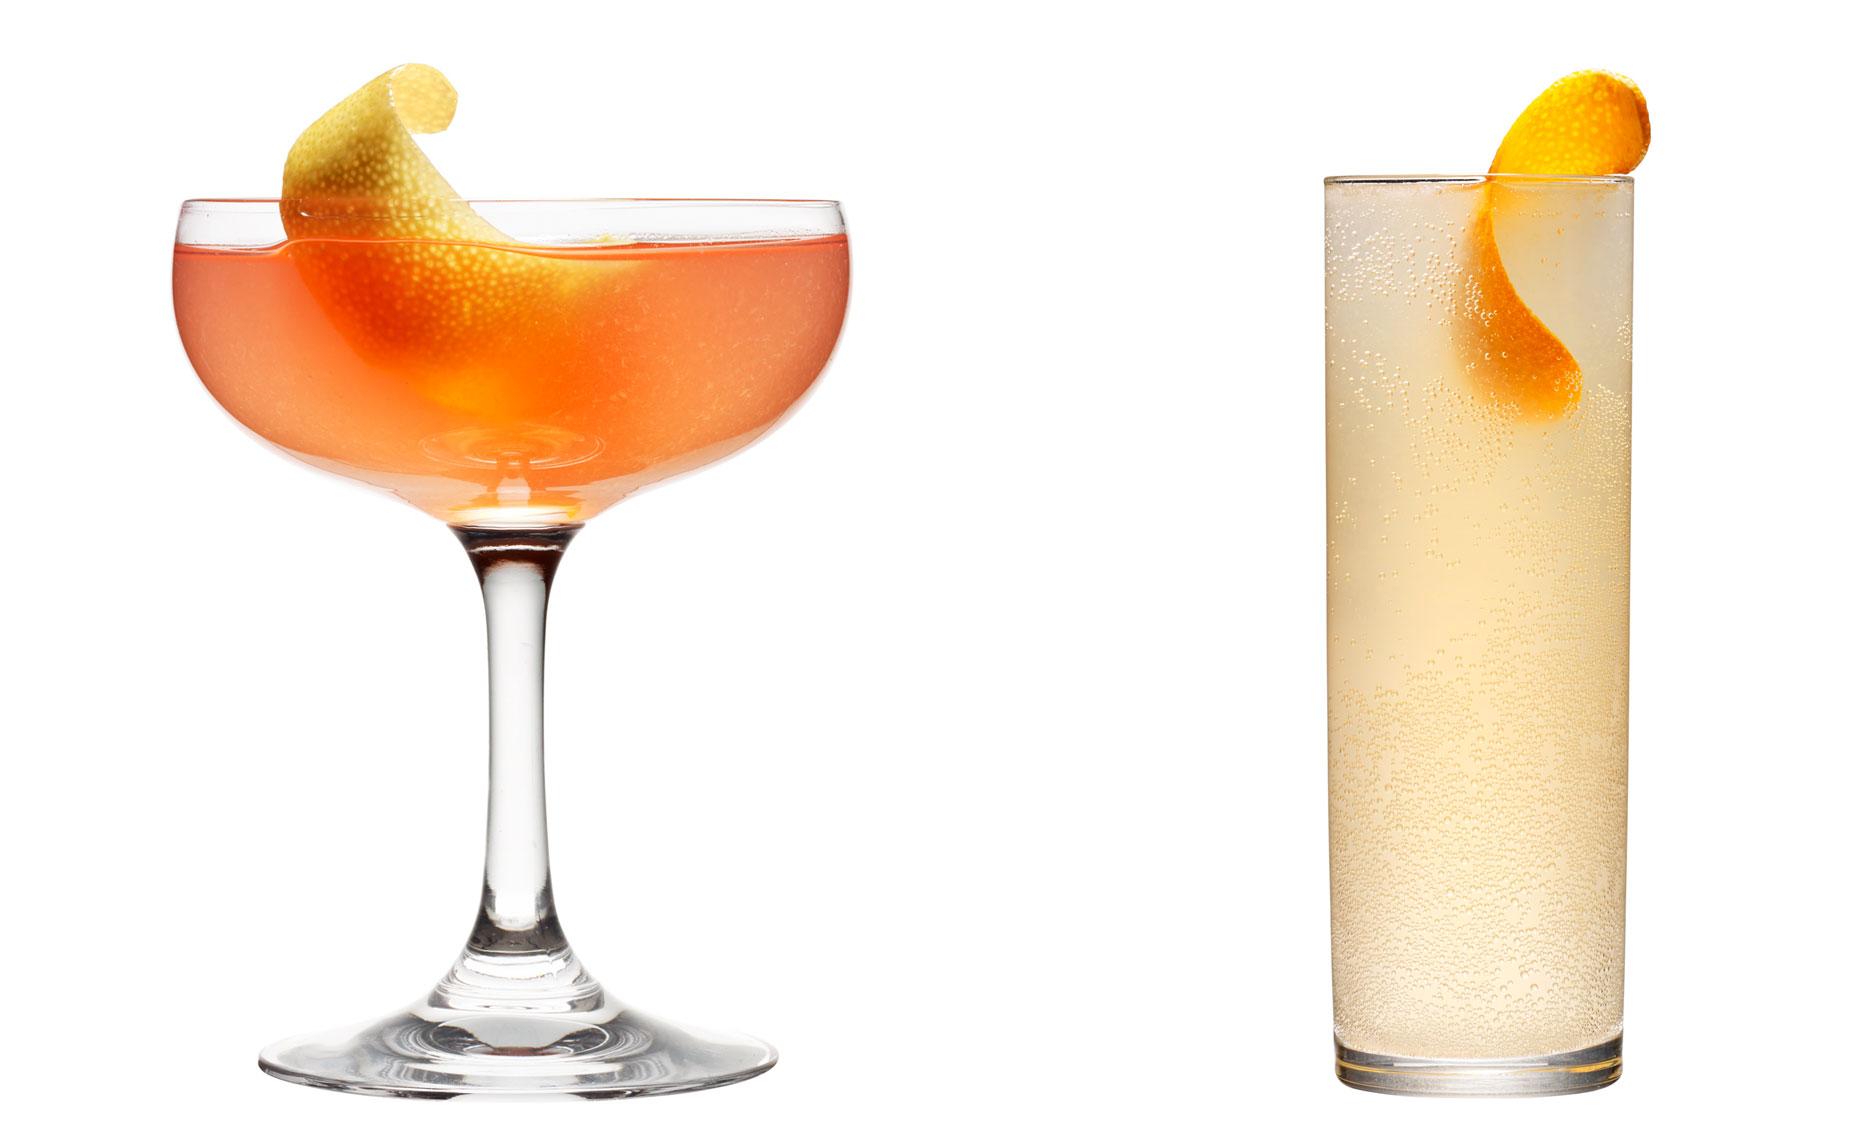 lemon-peel-and-orange-peel.jpg